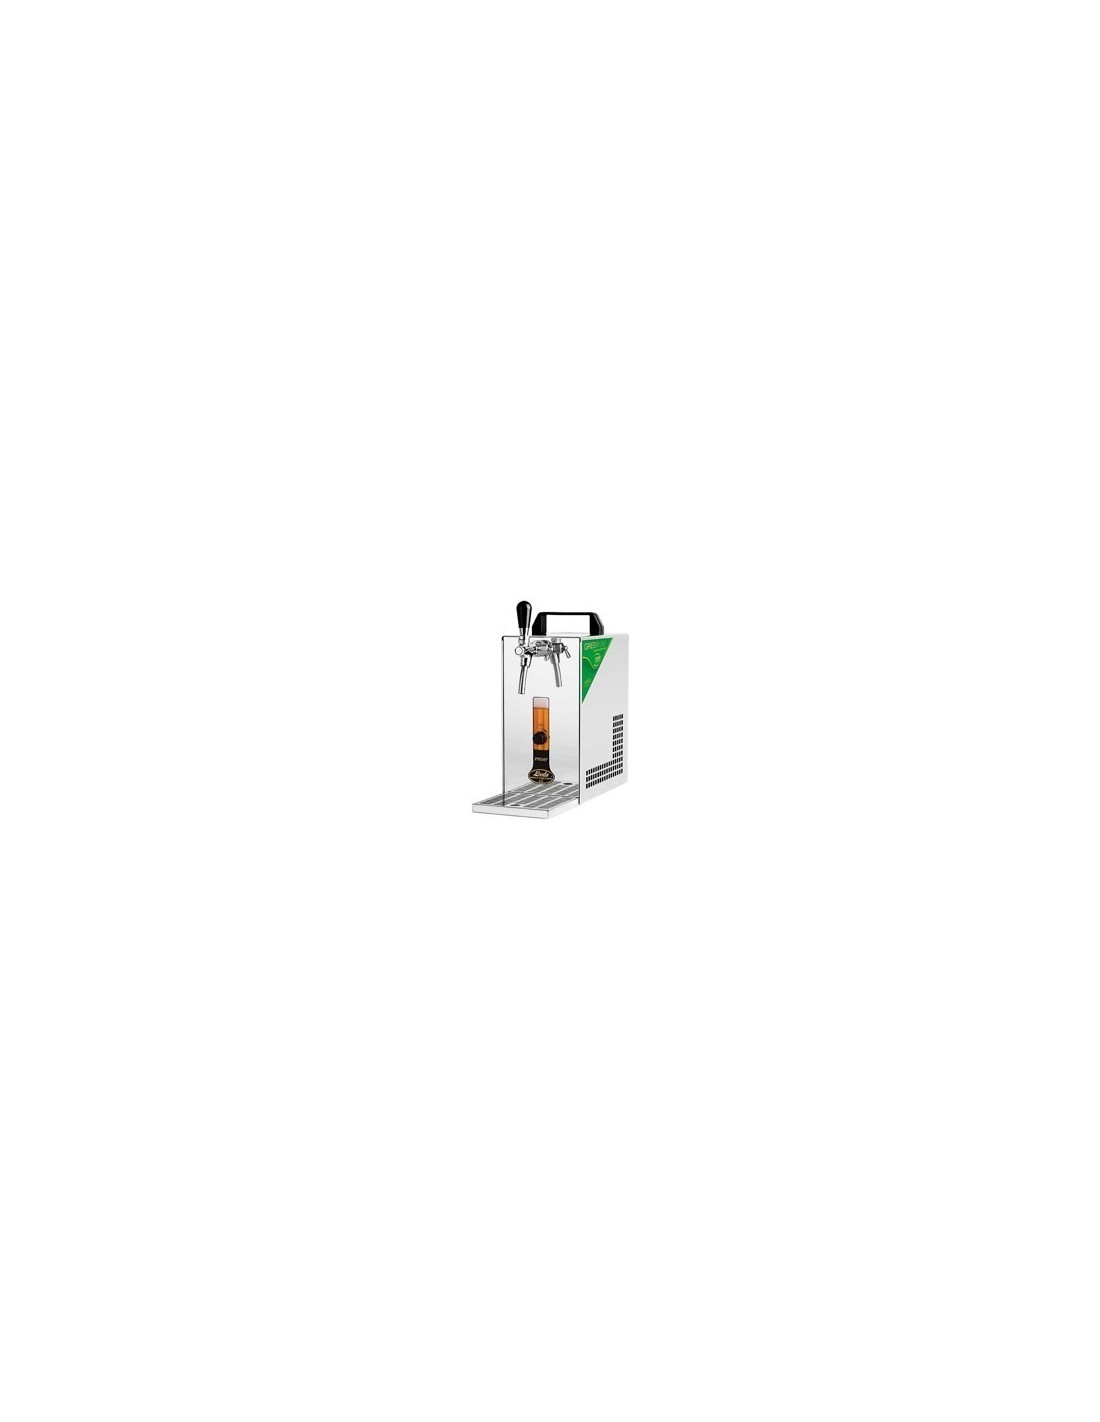 """KCH01473 - Luftkylda fatölskylare - Lindr Pygmy 25/K """"Green line"""""""